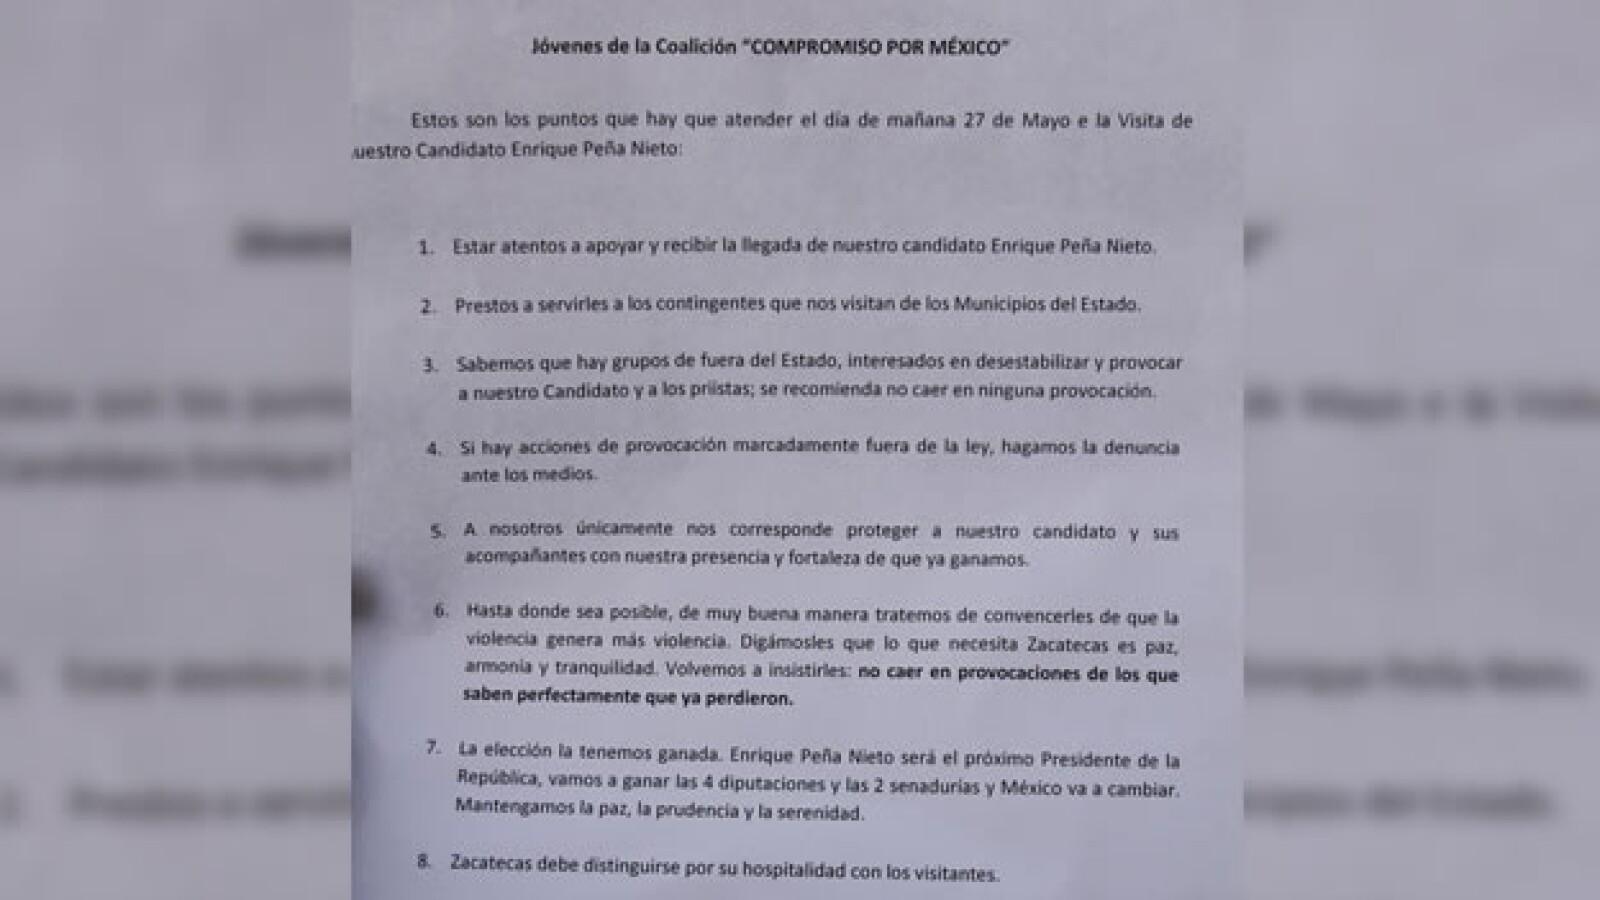 Simpatizantes de peña nieto repartieron un manual sobre los lineamientos que deberían seguir en su visita a zacatecas